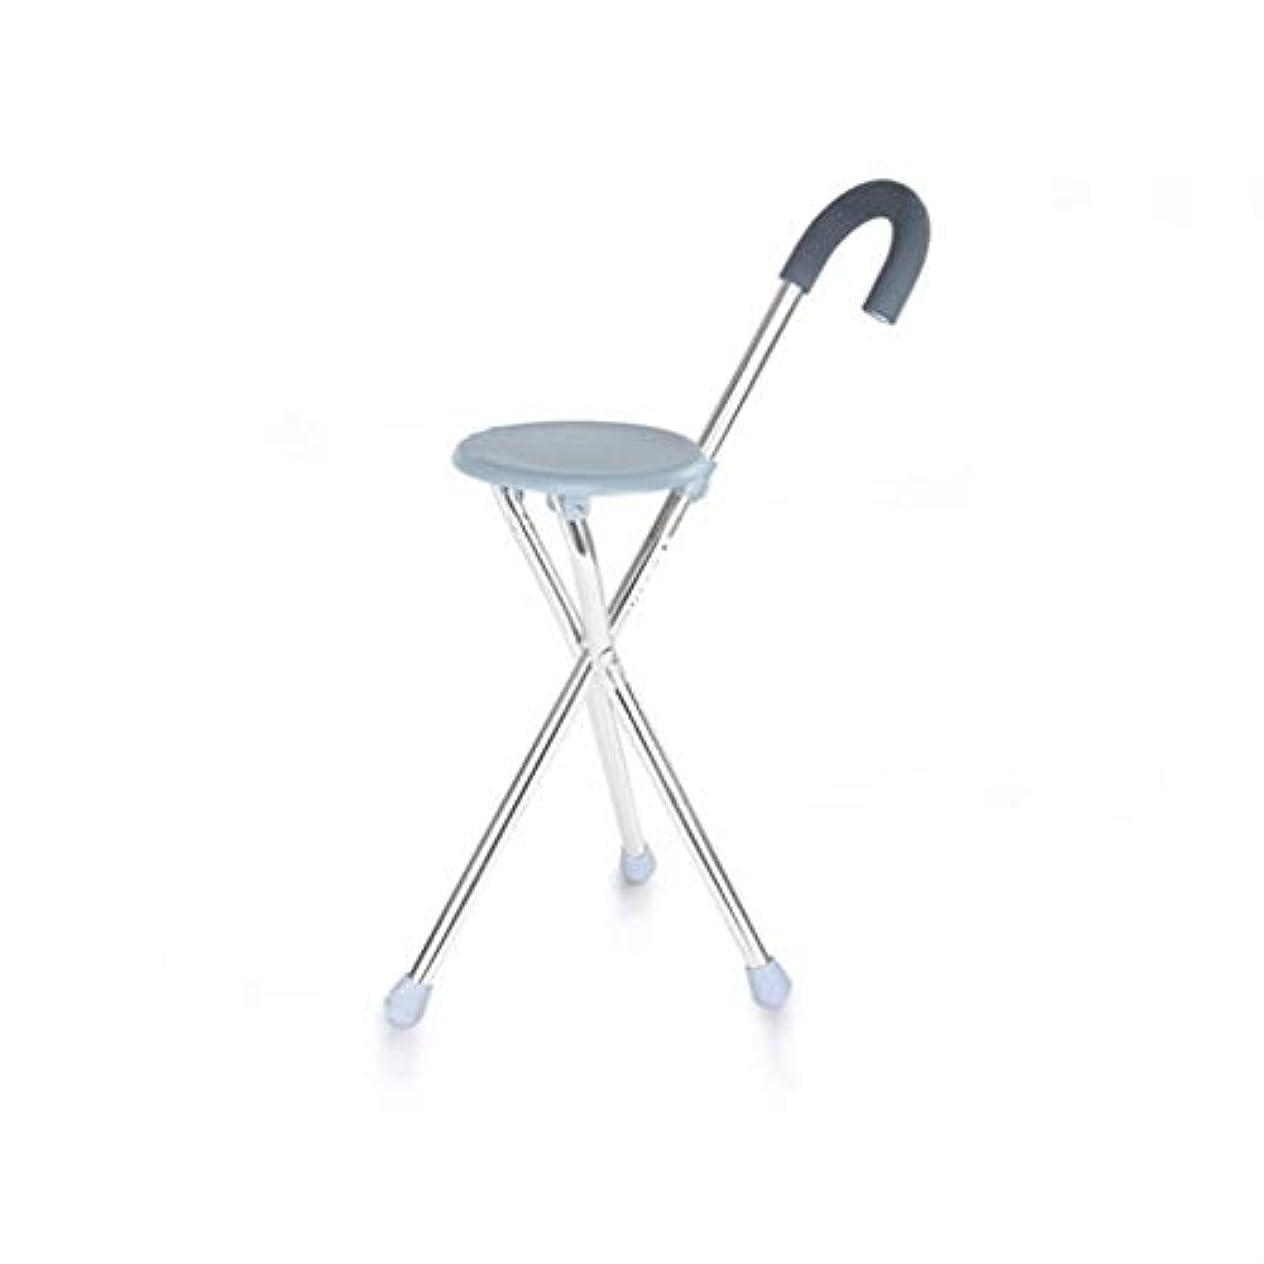 ヒゲマリナーバタフライ杖スツールオールドマン松葉杖椅子アルミウォーカーオールドマンアンチスリップケーングレーウォーキングスティック三脚杖チェアスツール